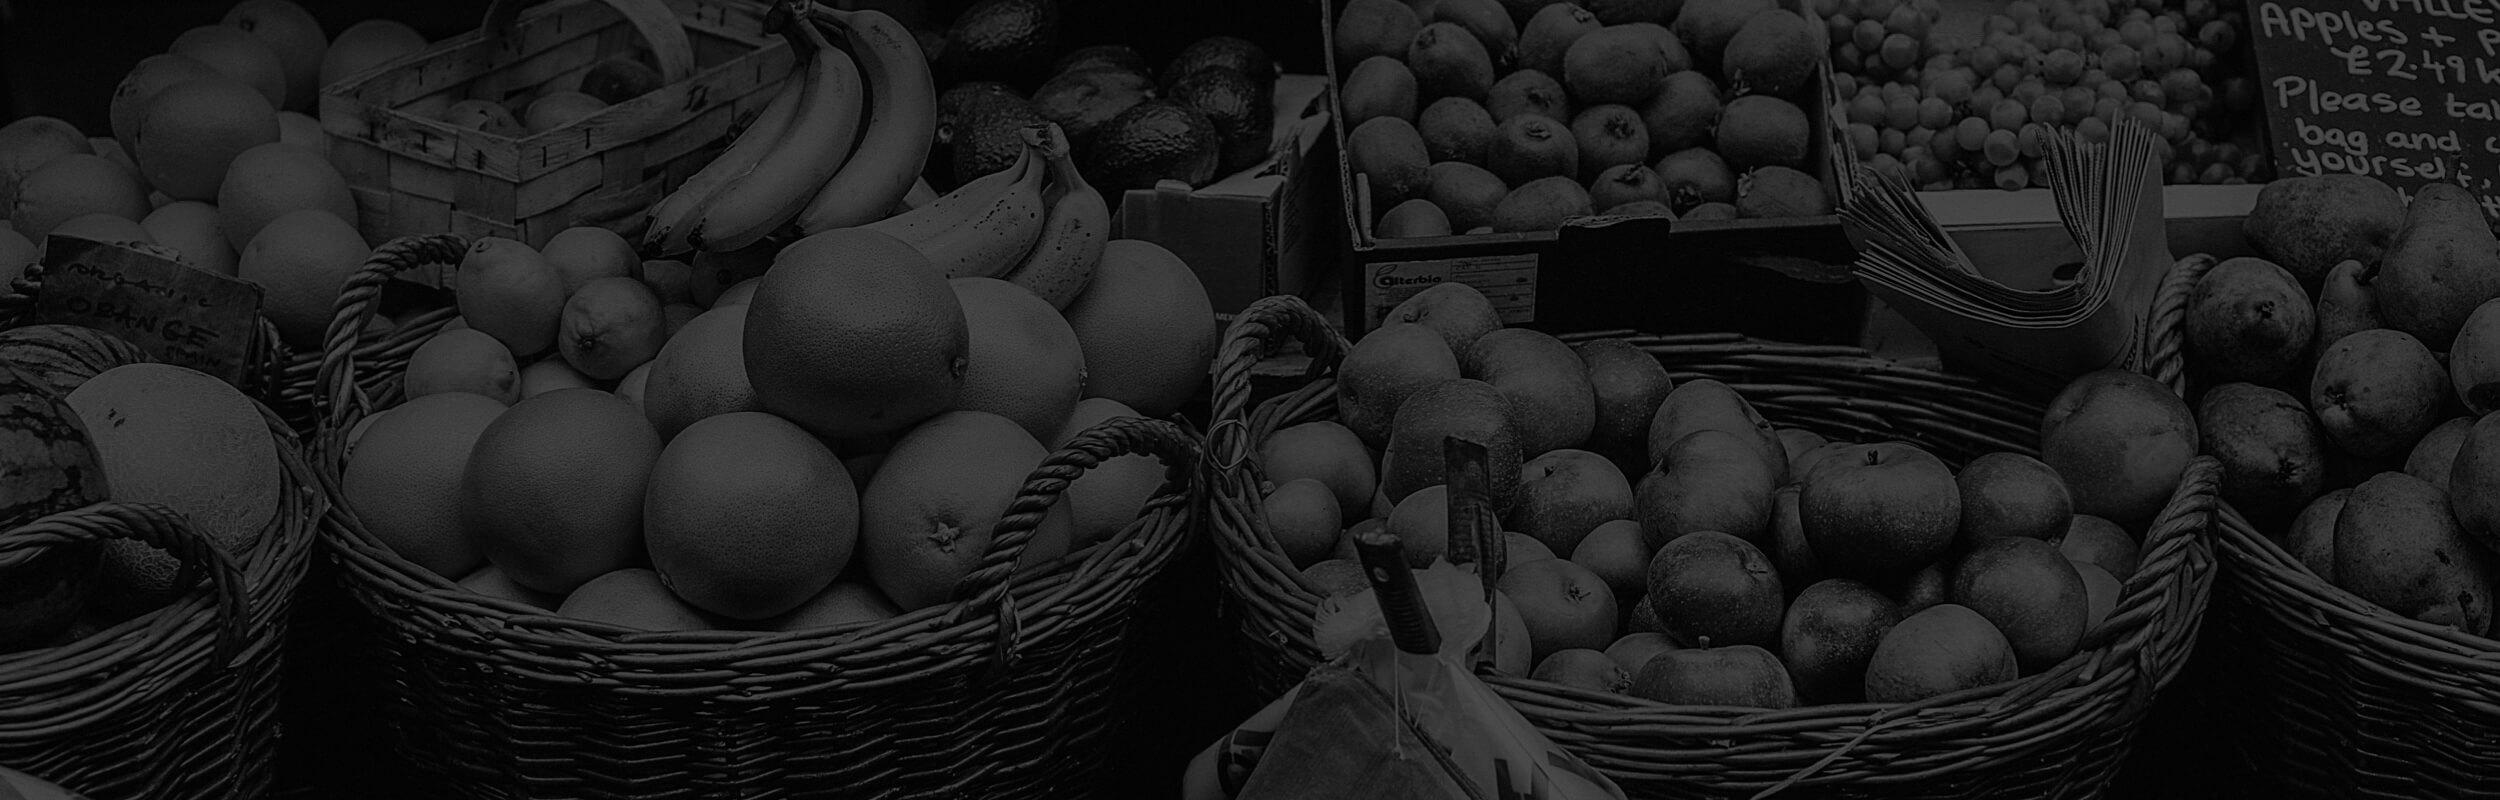 ovocie na trhovisku